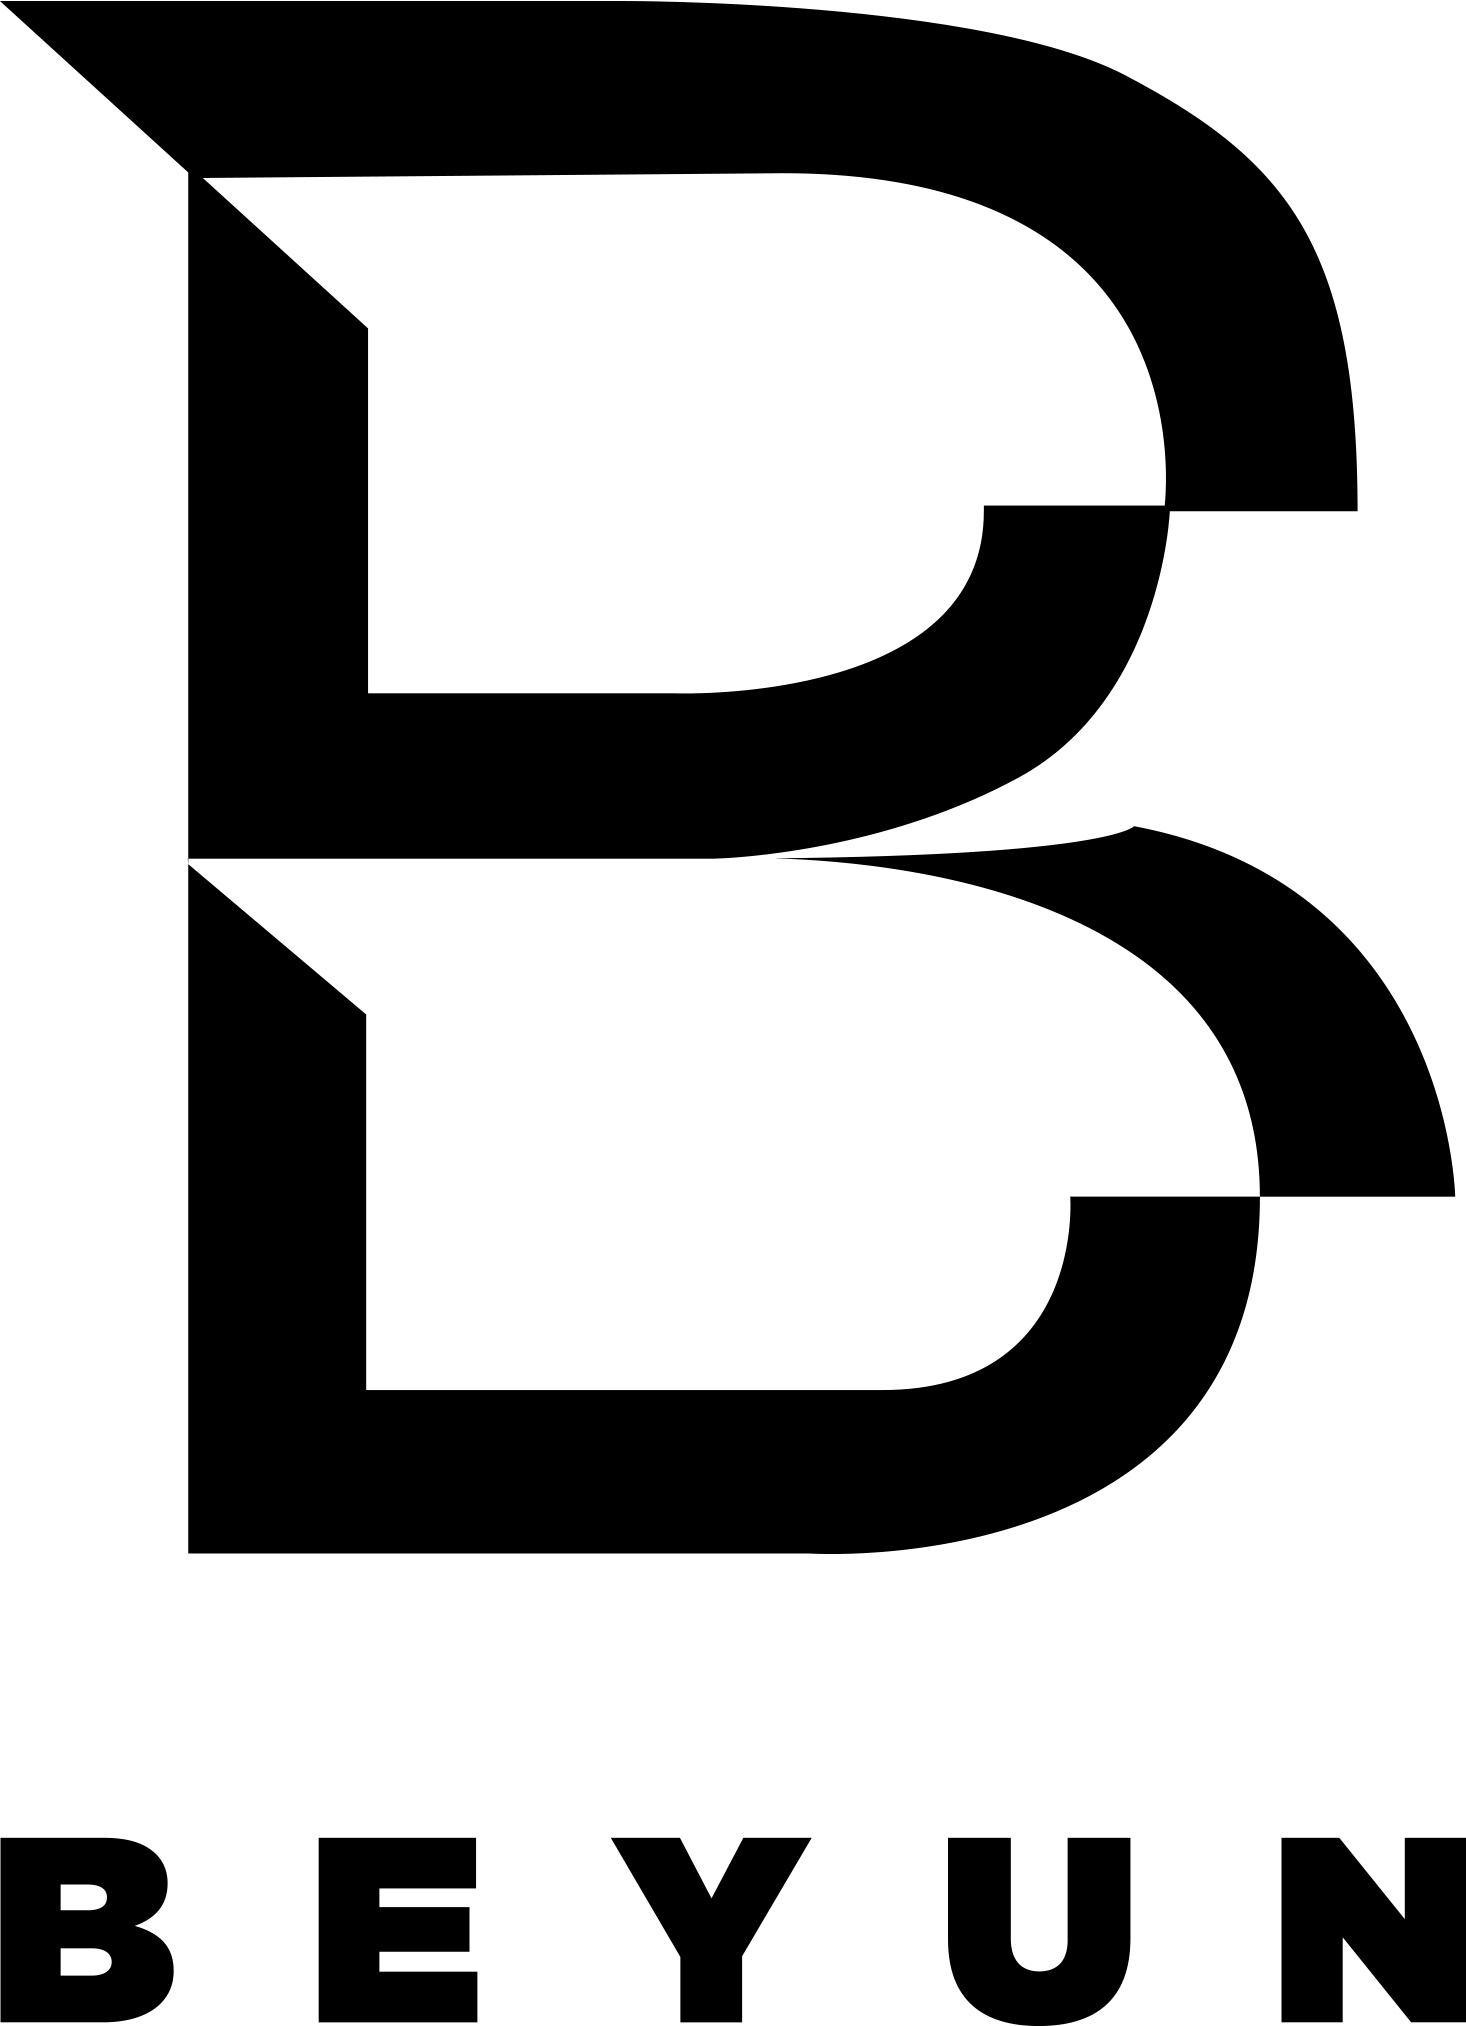 beyun_logo.jpg